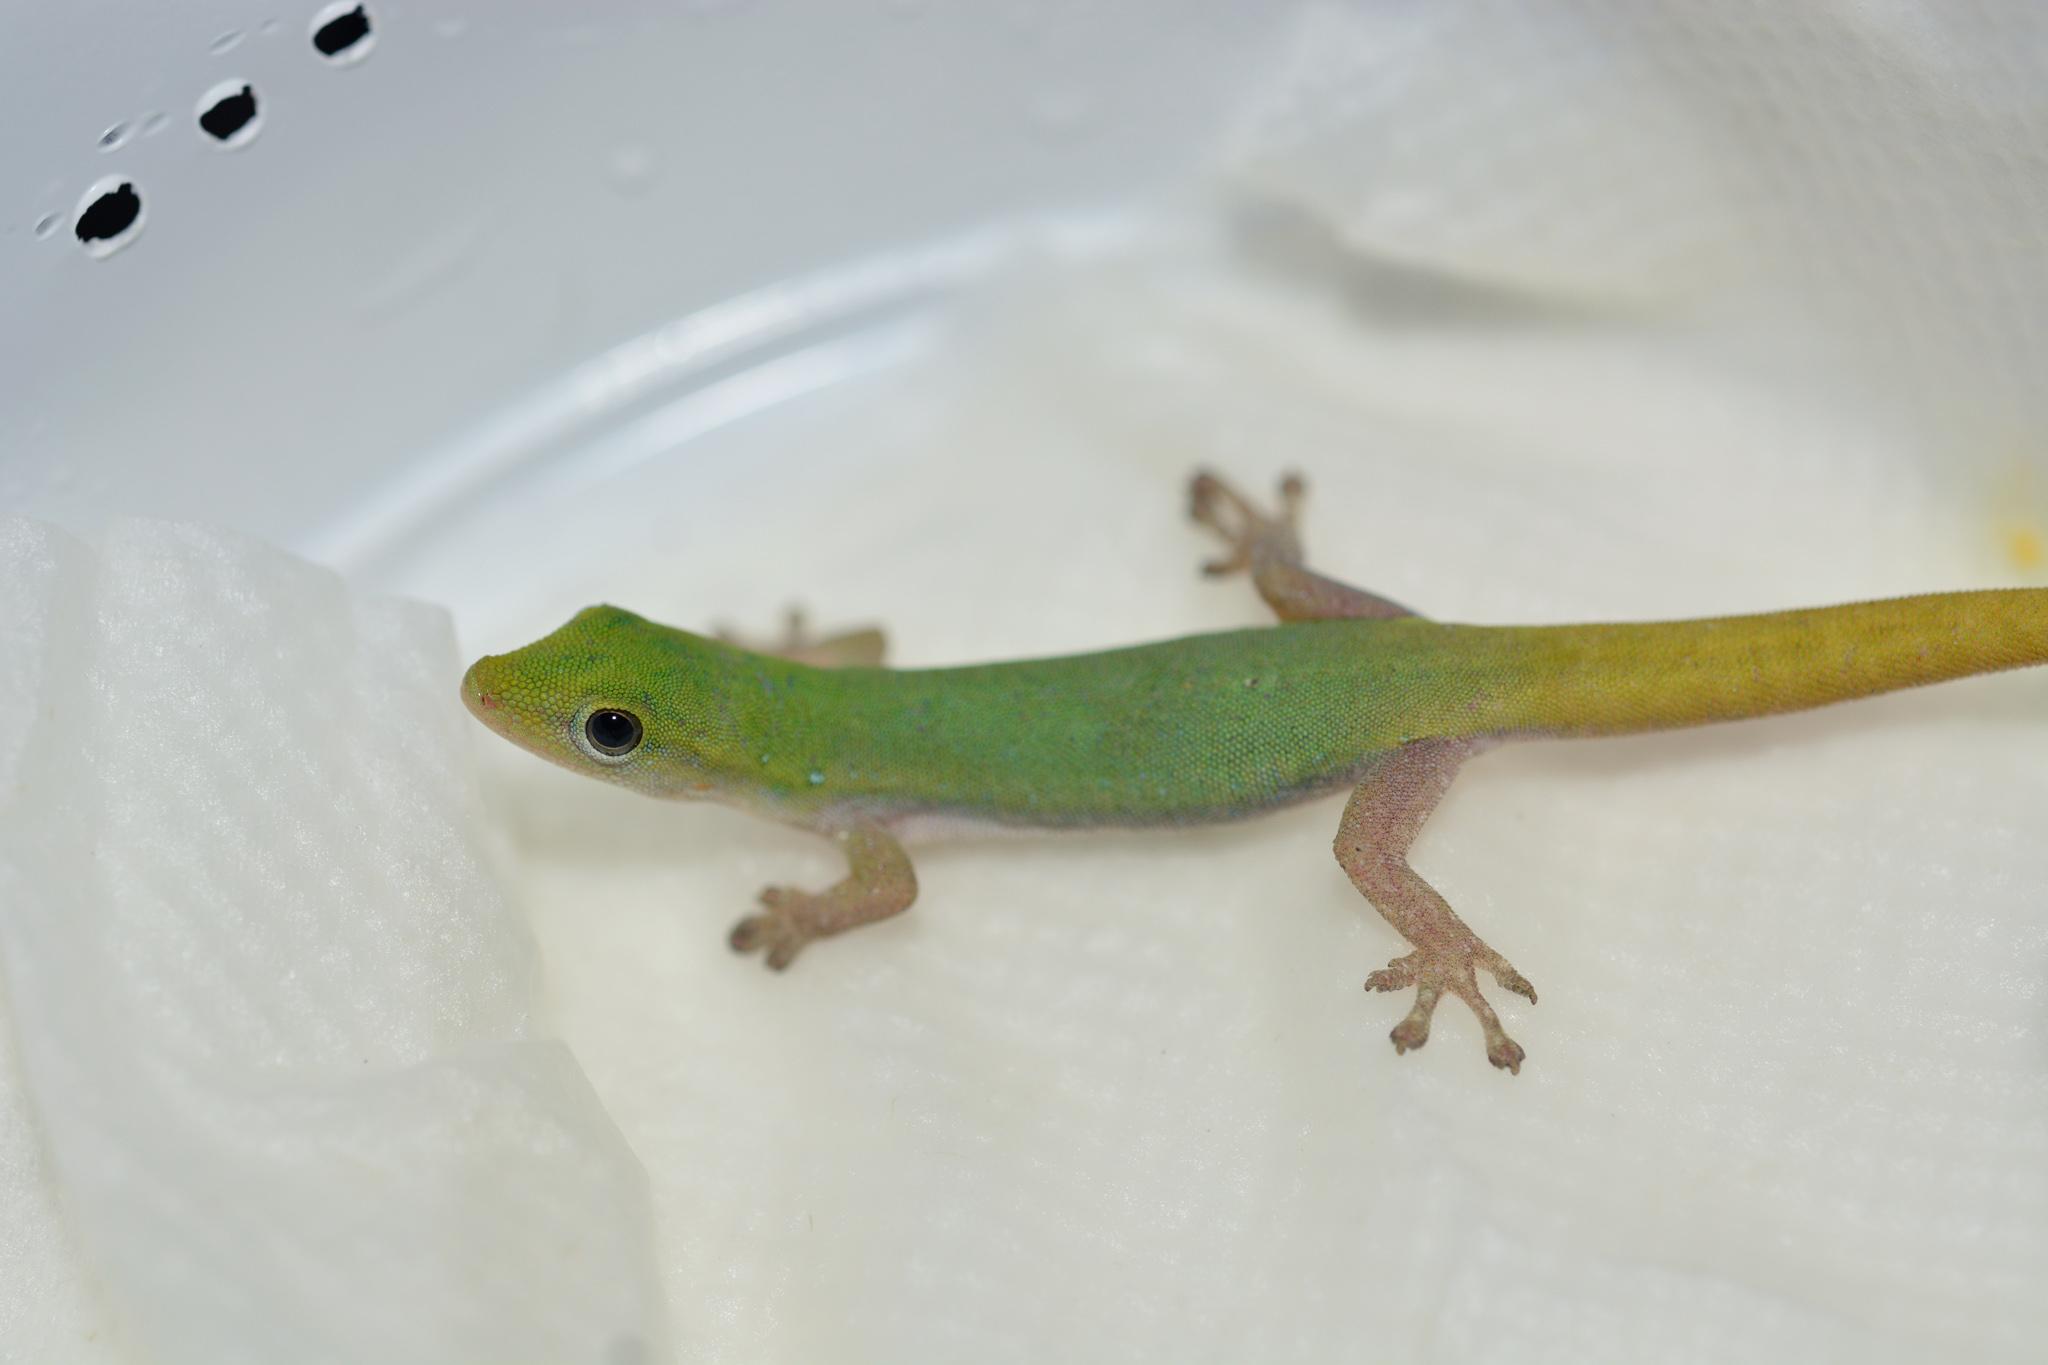 lygodactylus_conraui_female01.jpg